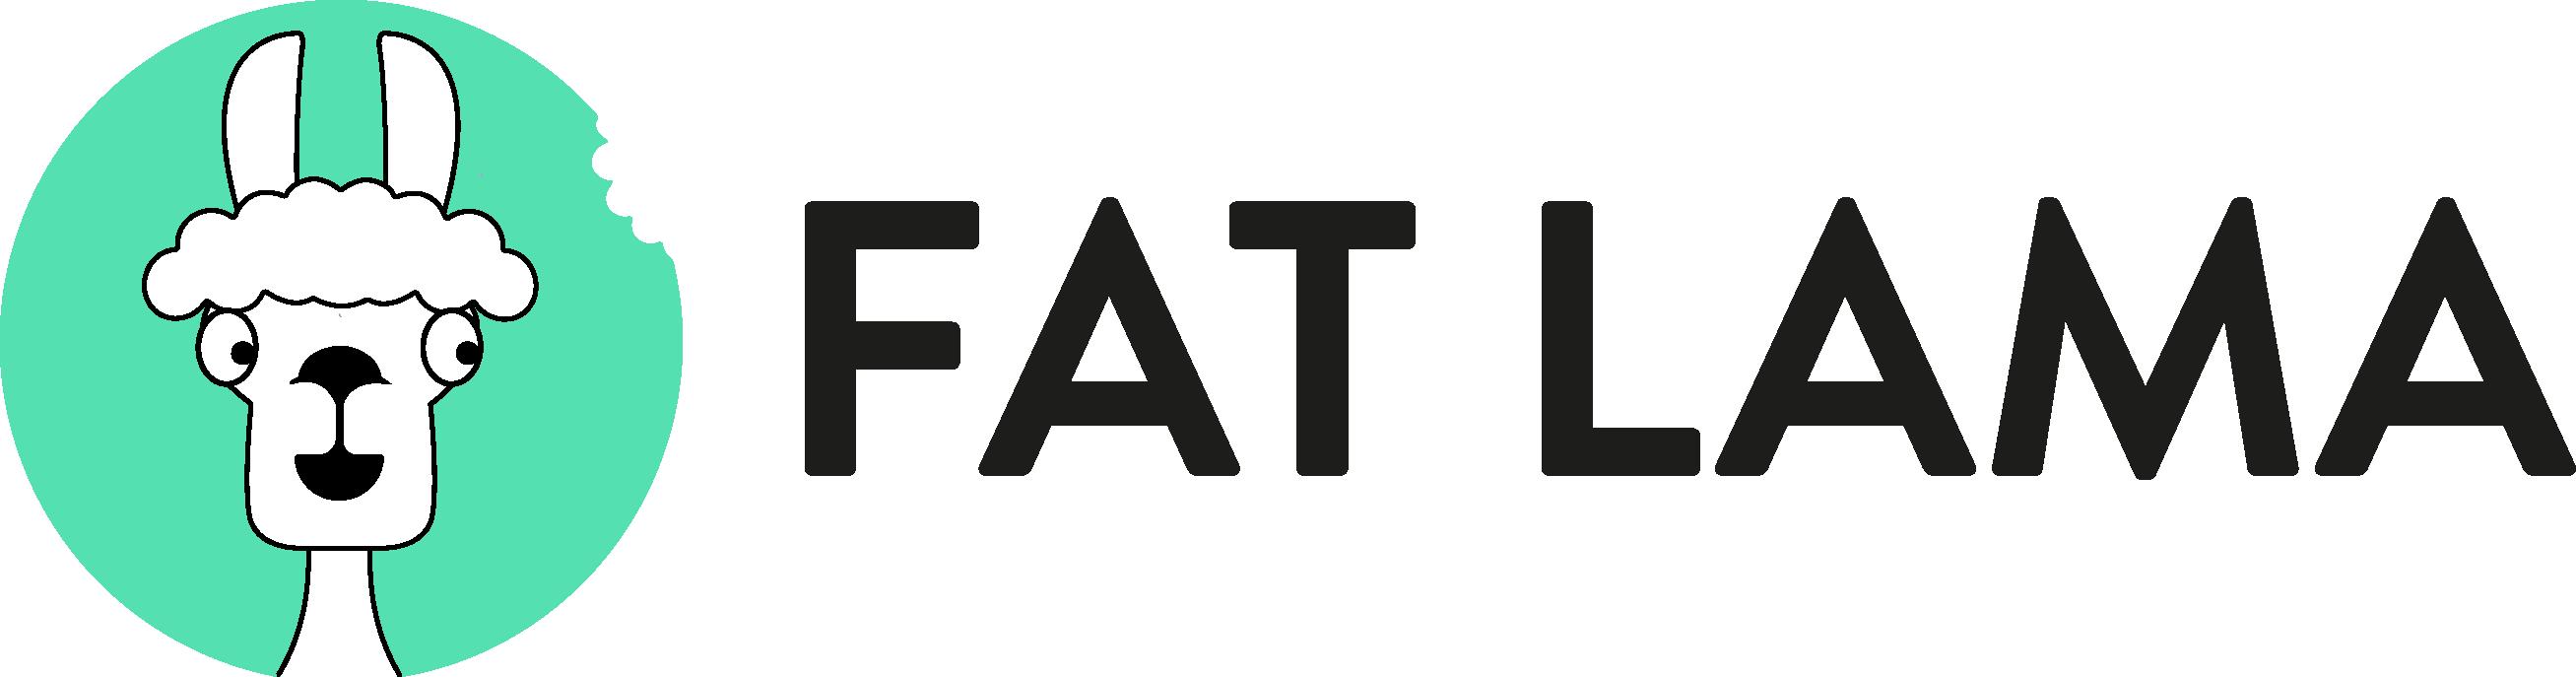 FatLama logo